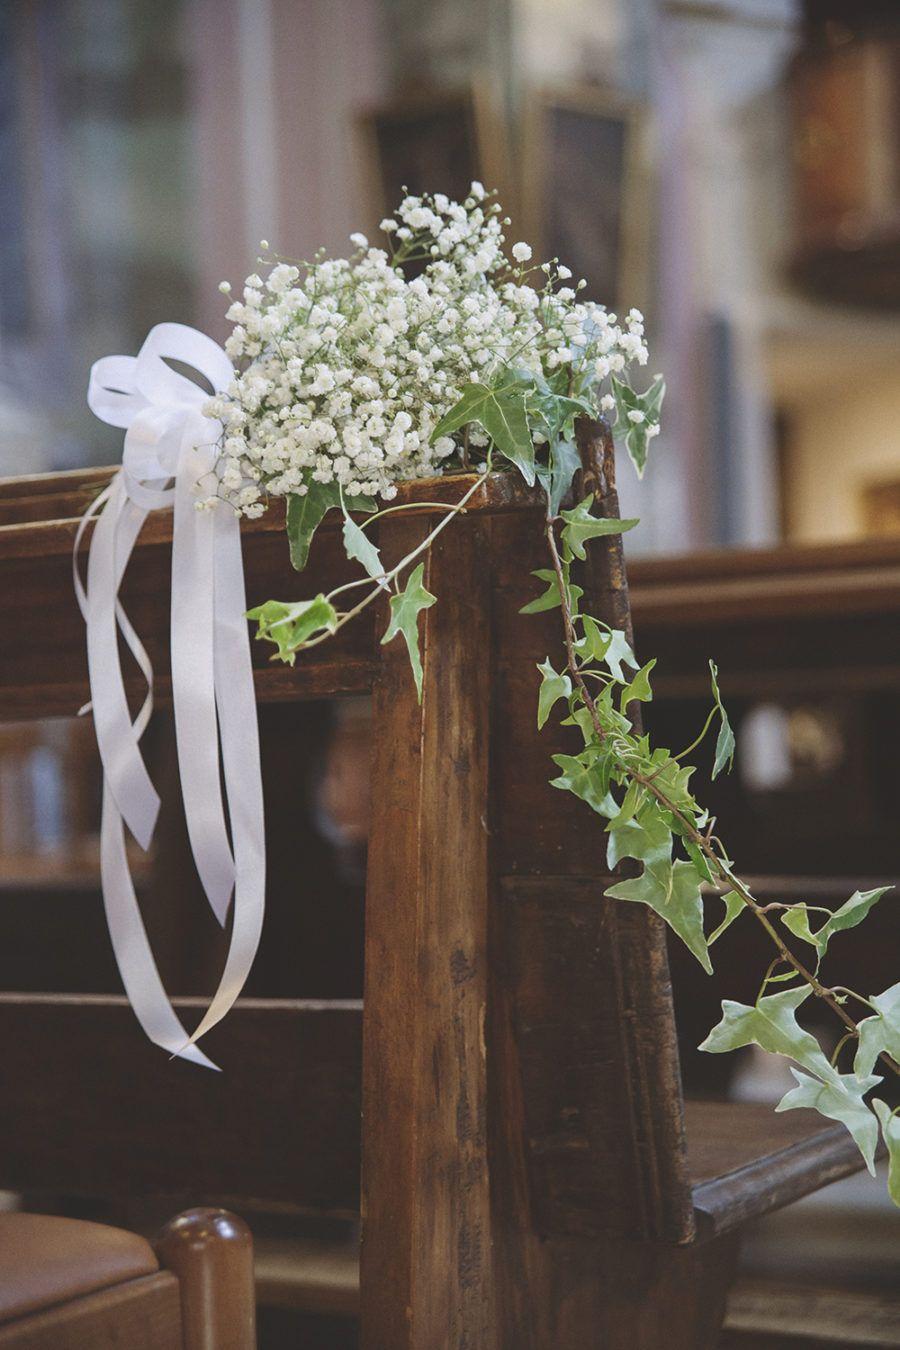 Gypsophila Per Un Matrimonio A Villa Bria Wedding Wonderland Gypsophila Matrimonio Matrimonio Floreale Fiori Matrimonio Estivo